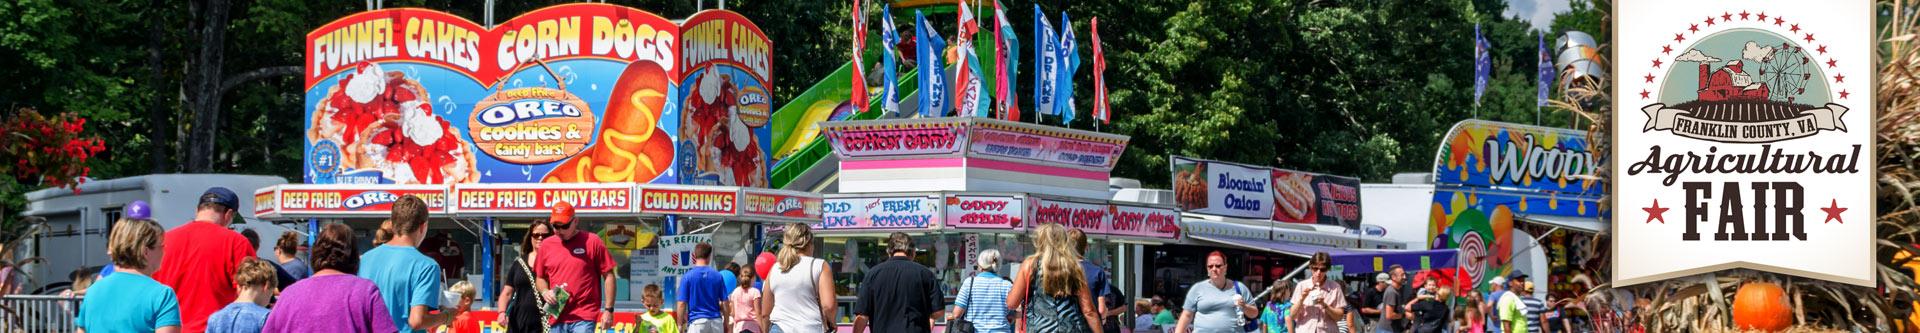 Franklin County Agricultural Fair Vendors